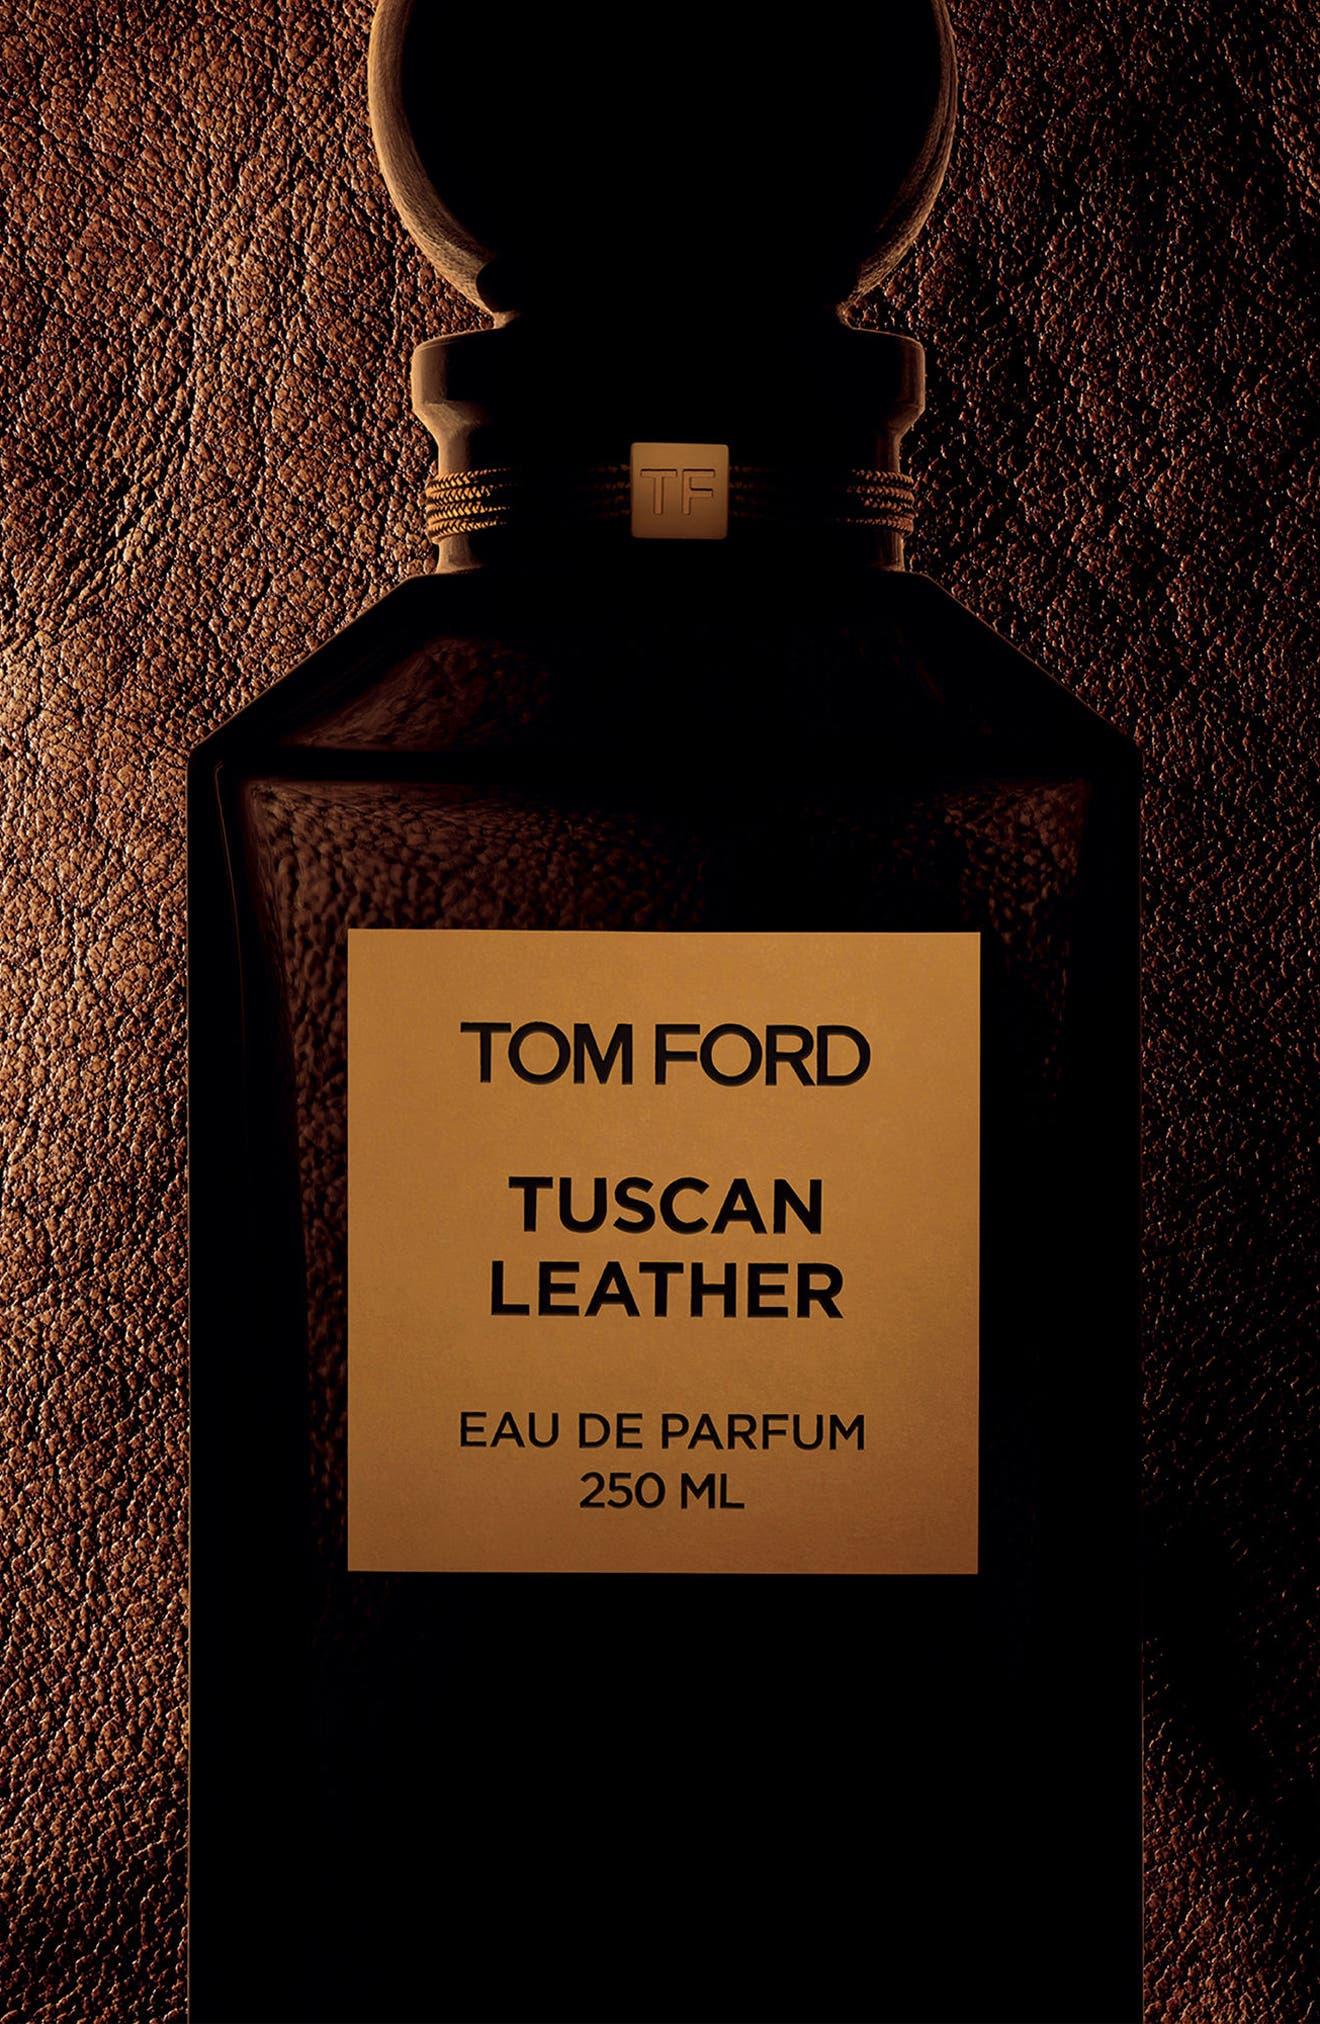 Private Blend Tuscan Leather Eau de Parfum Decanter,                             Alternate thumbnail 4, color,                             No Color